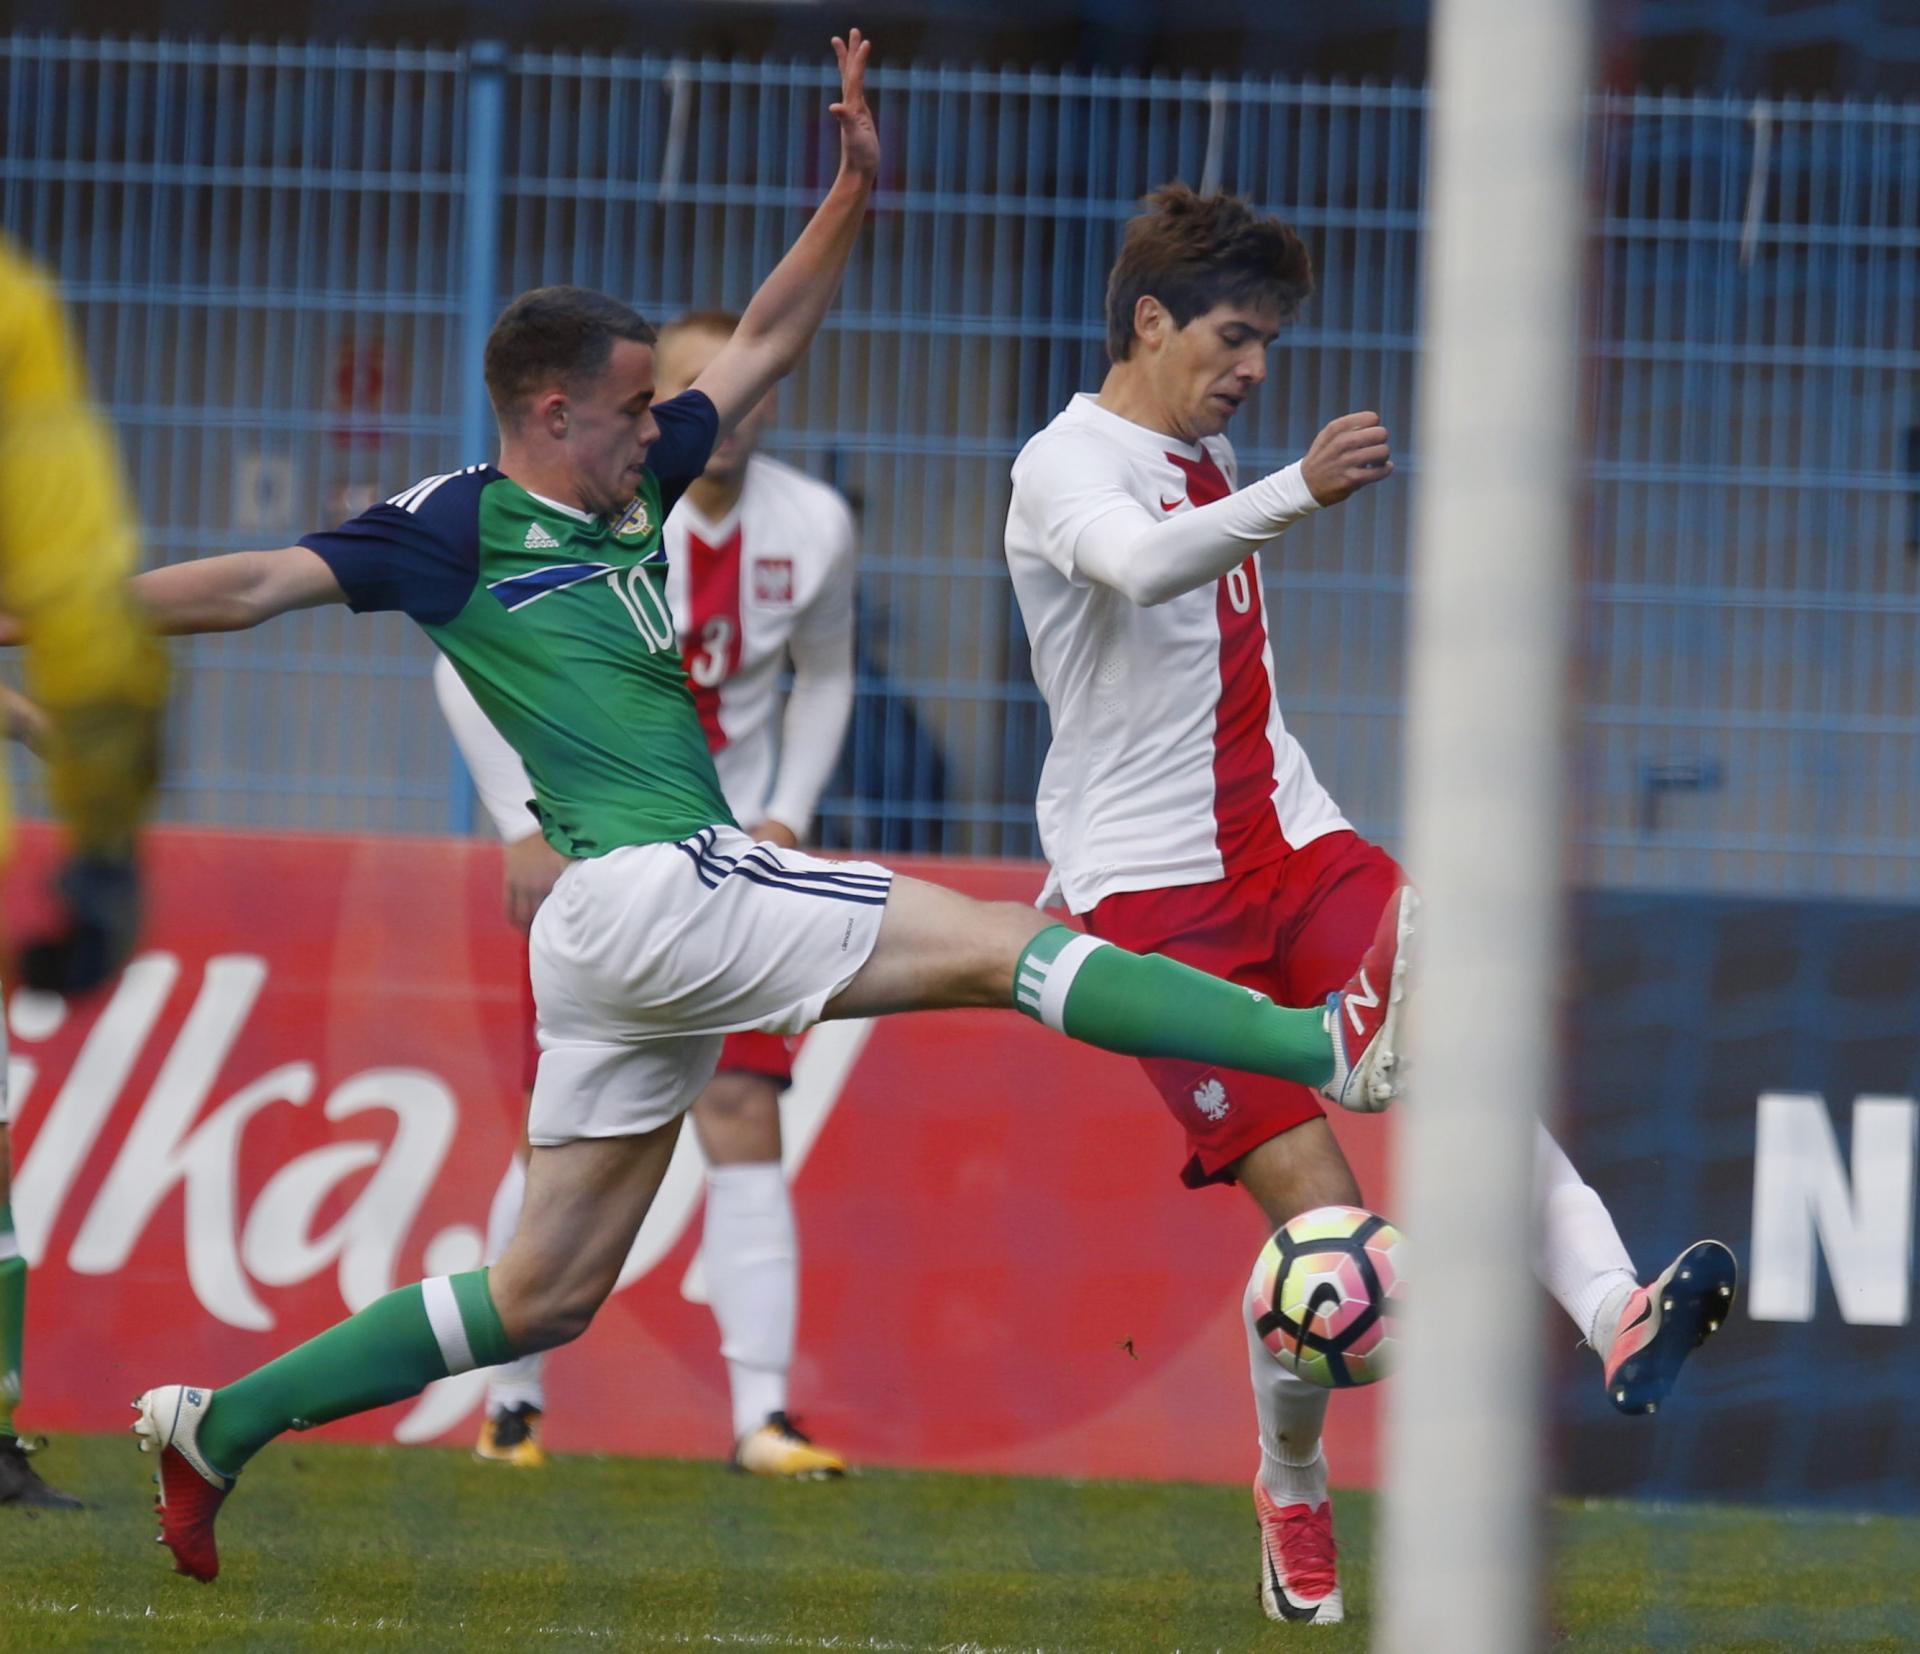 Jakub Moder powstrzymywany przez zawodnika Irlandii Północnej. Mecz eliminacji mistrzostw Europy drużyn do lat 19.